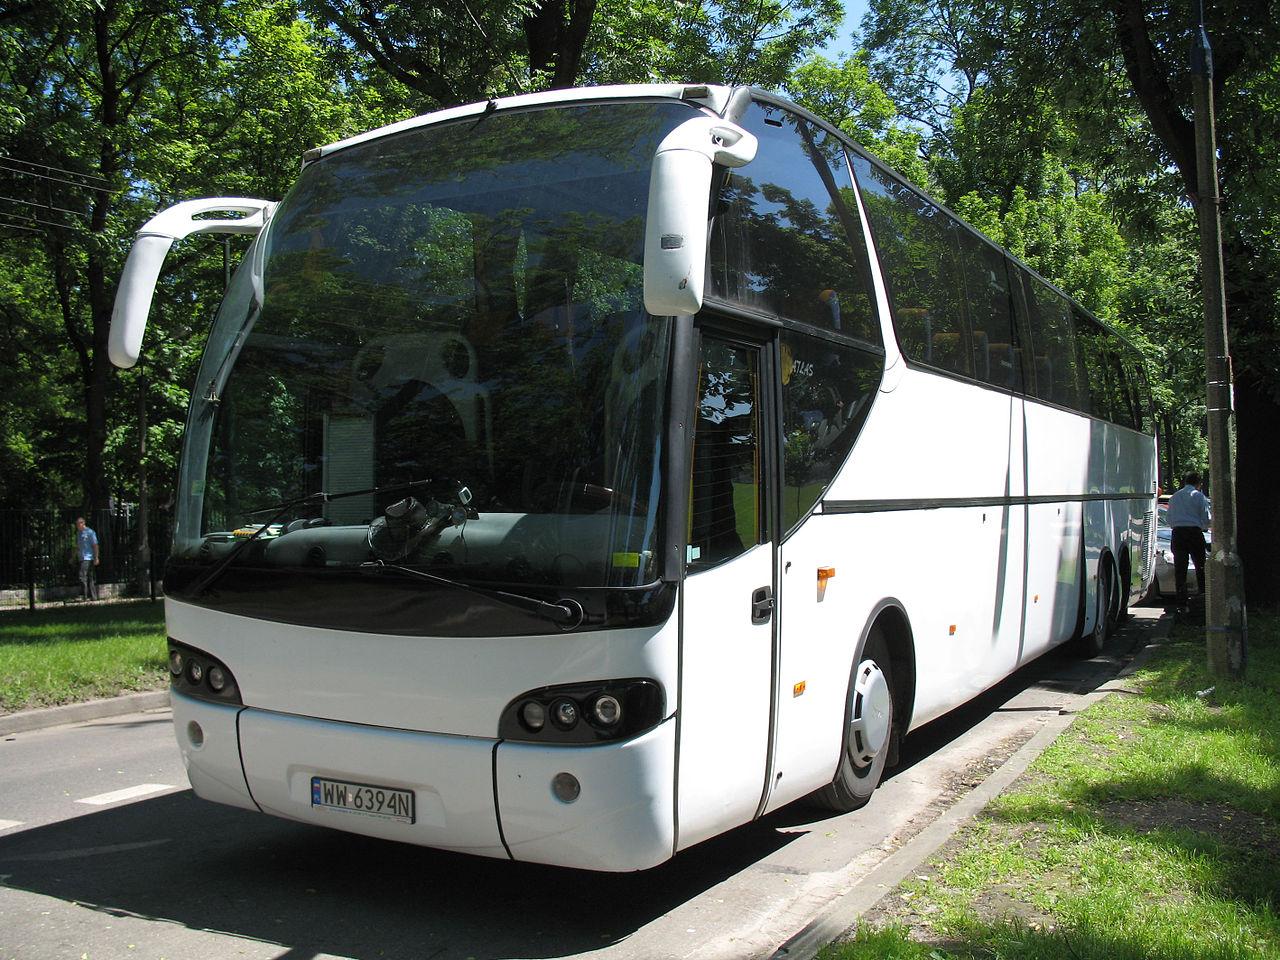 Licencjonowany przewóz osób – dlaczego lepiej korzystać ze sprawdzonych firm transportowych?